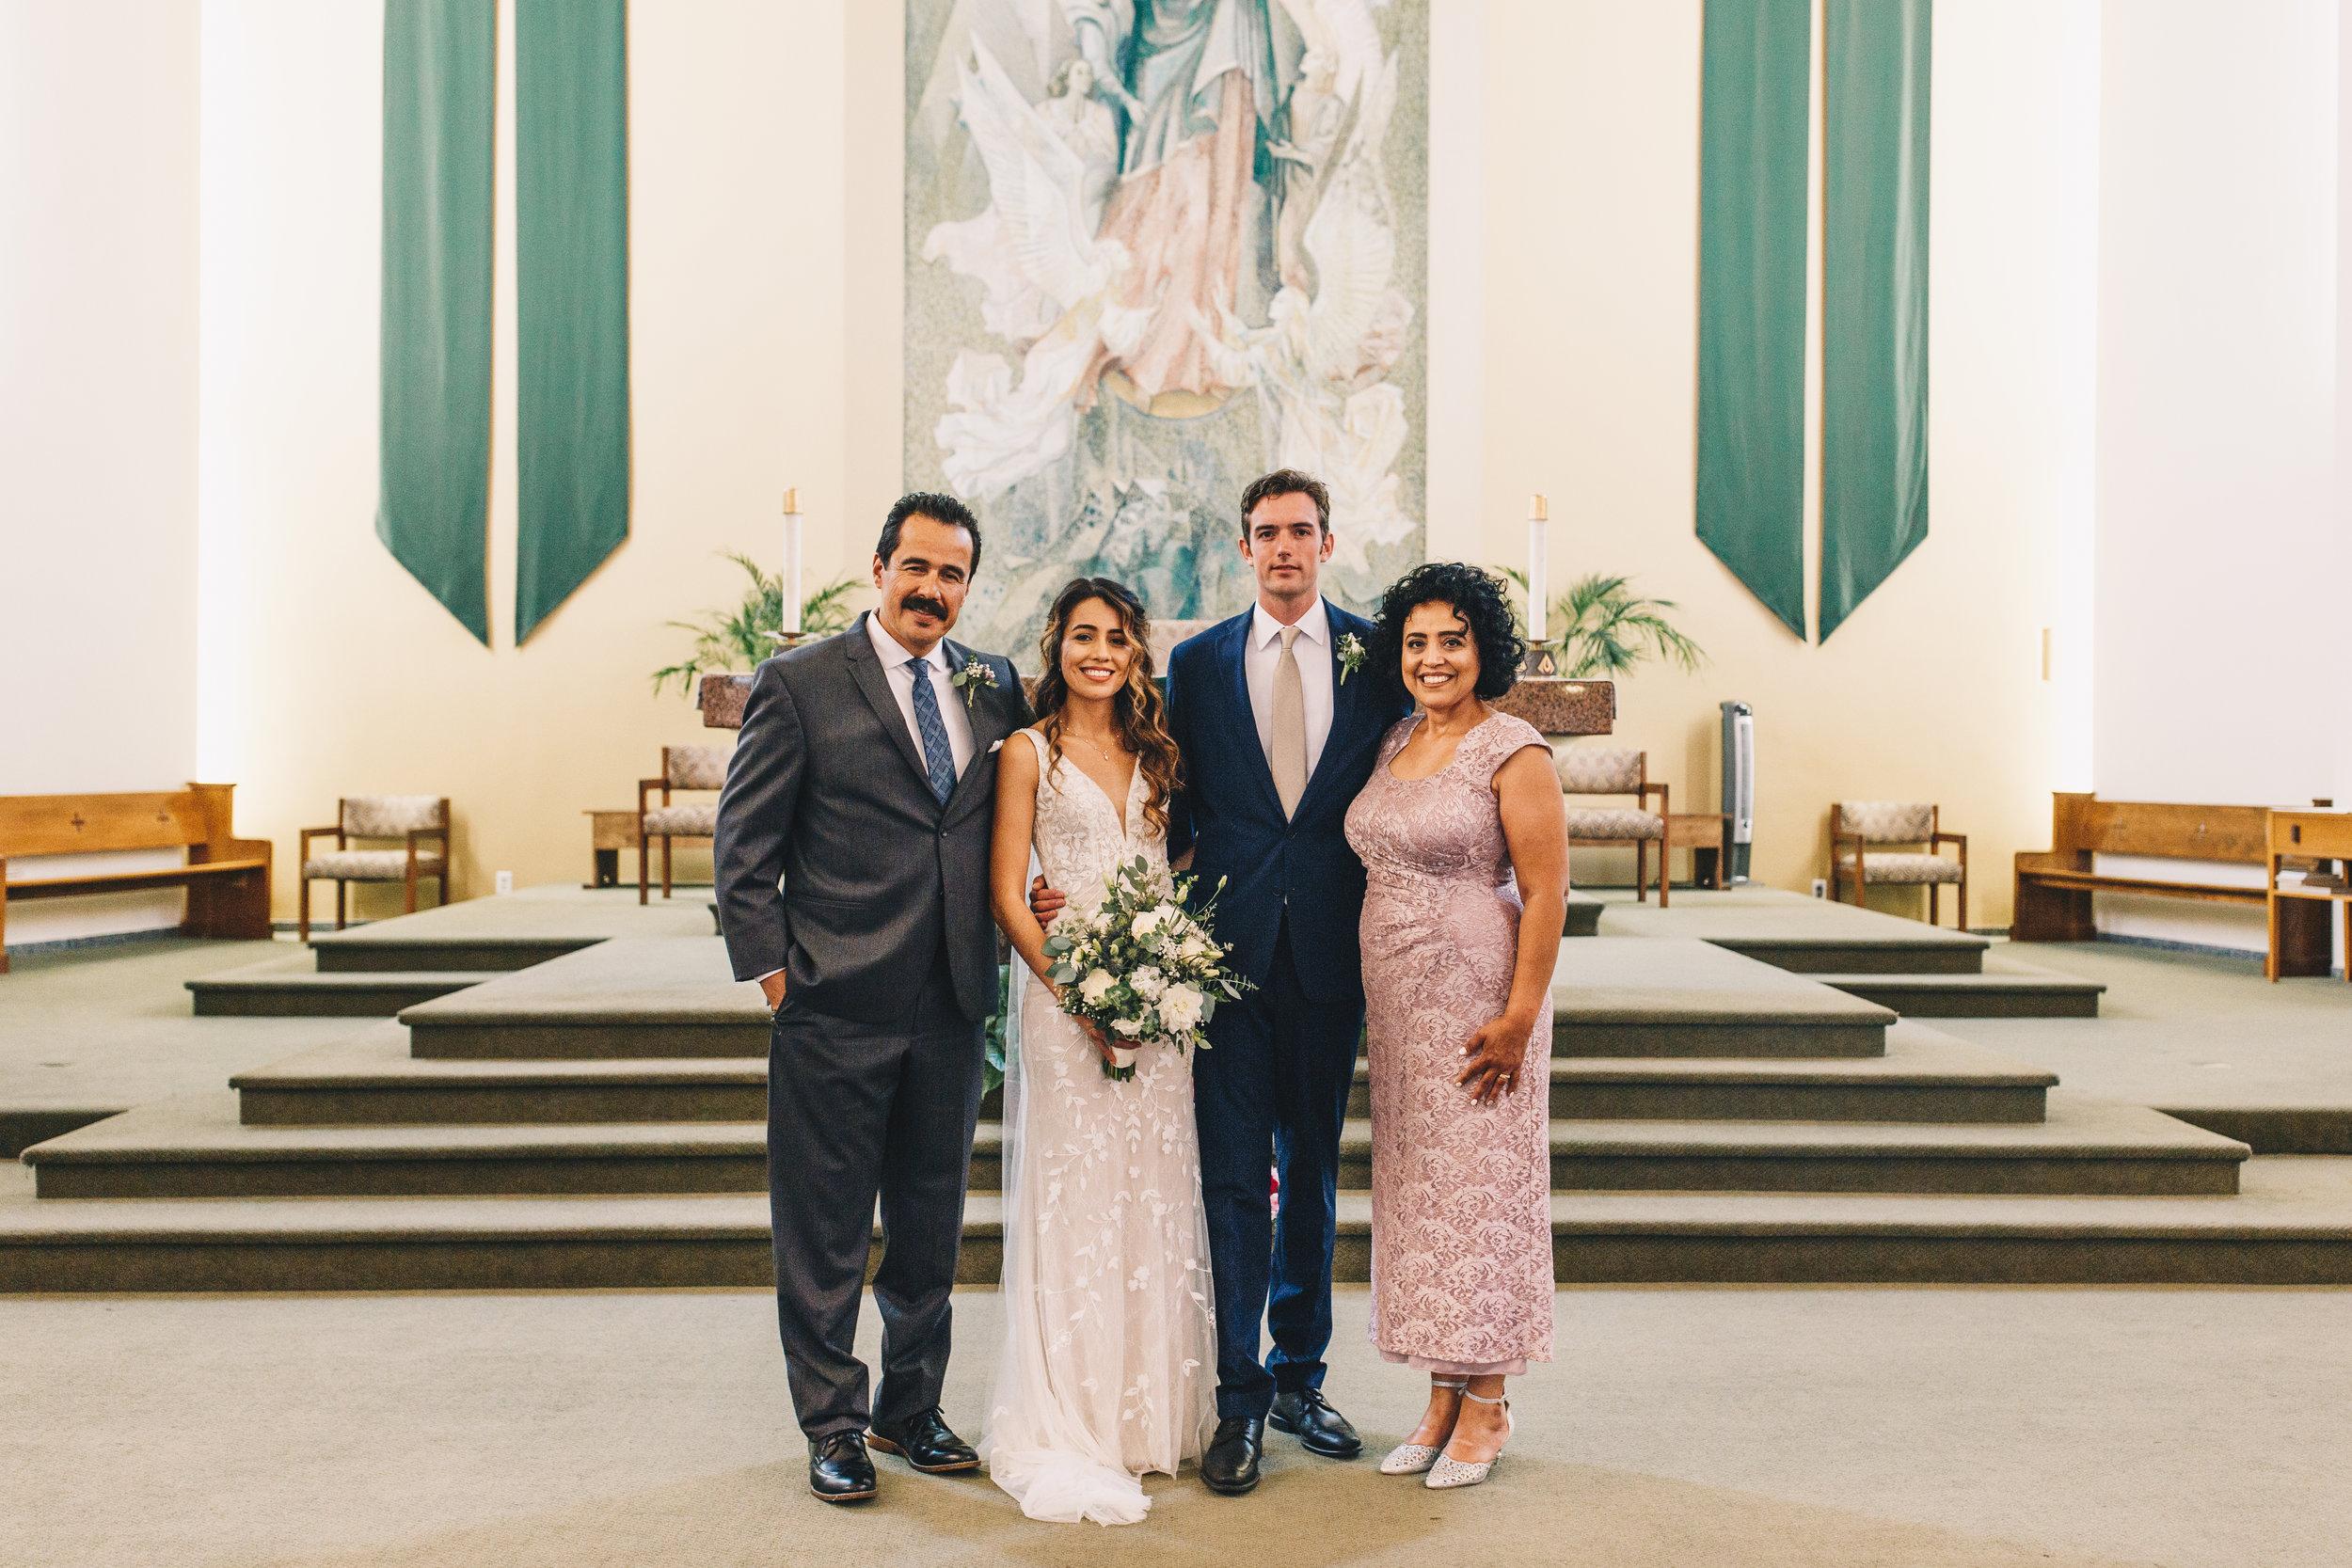 Church Family Photos-6.jpg